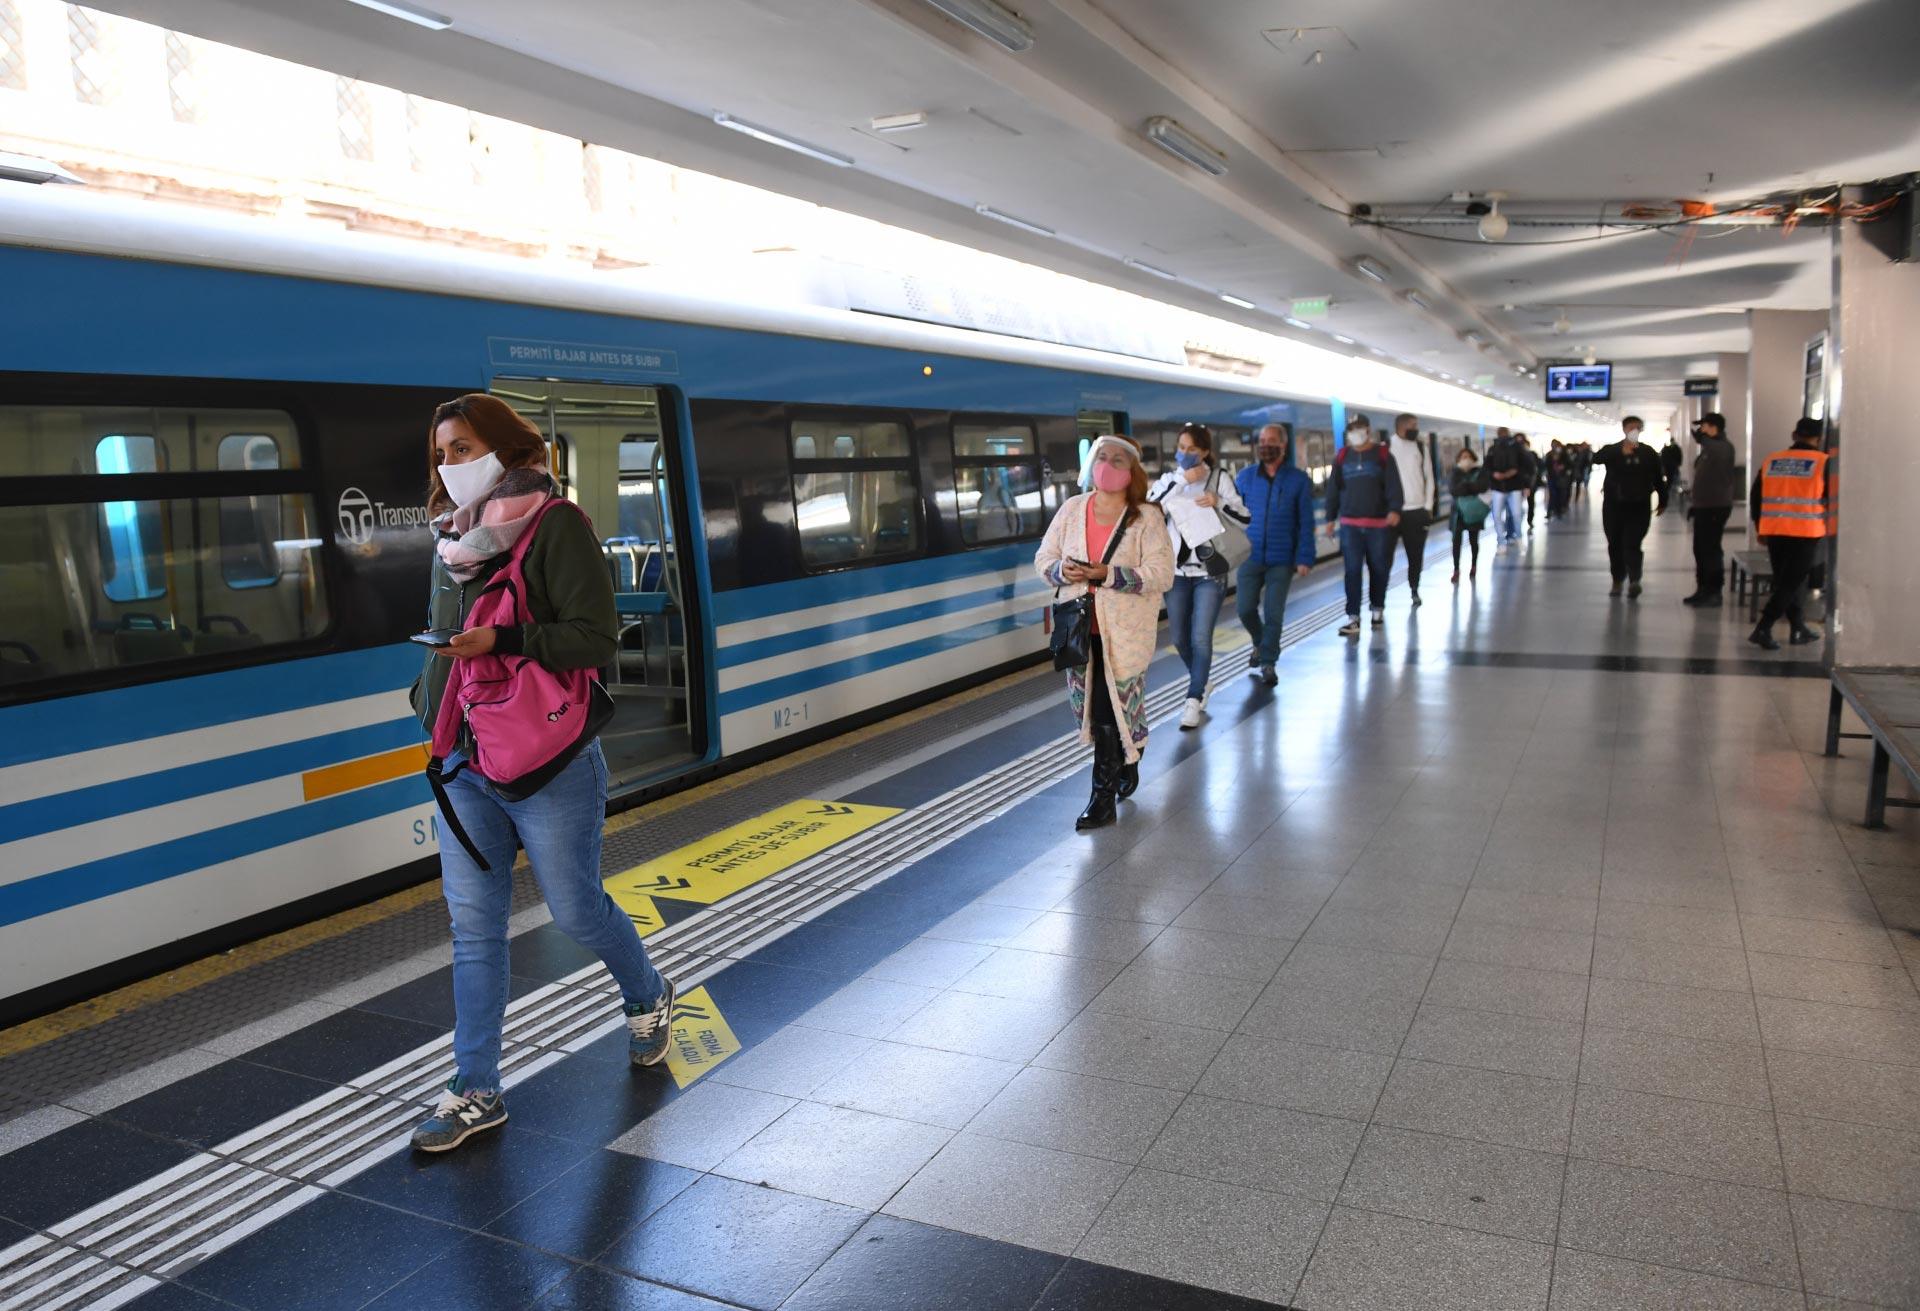 Paso a paso: cómo será el sistema de reserva de viajes en tren que  comenzará a funcionar desde el lunes - Infobae